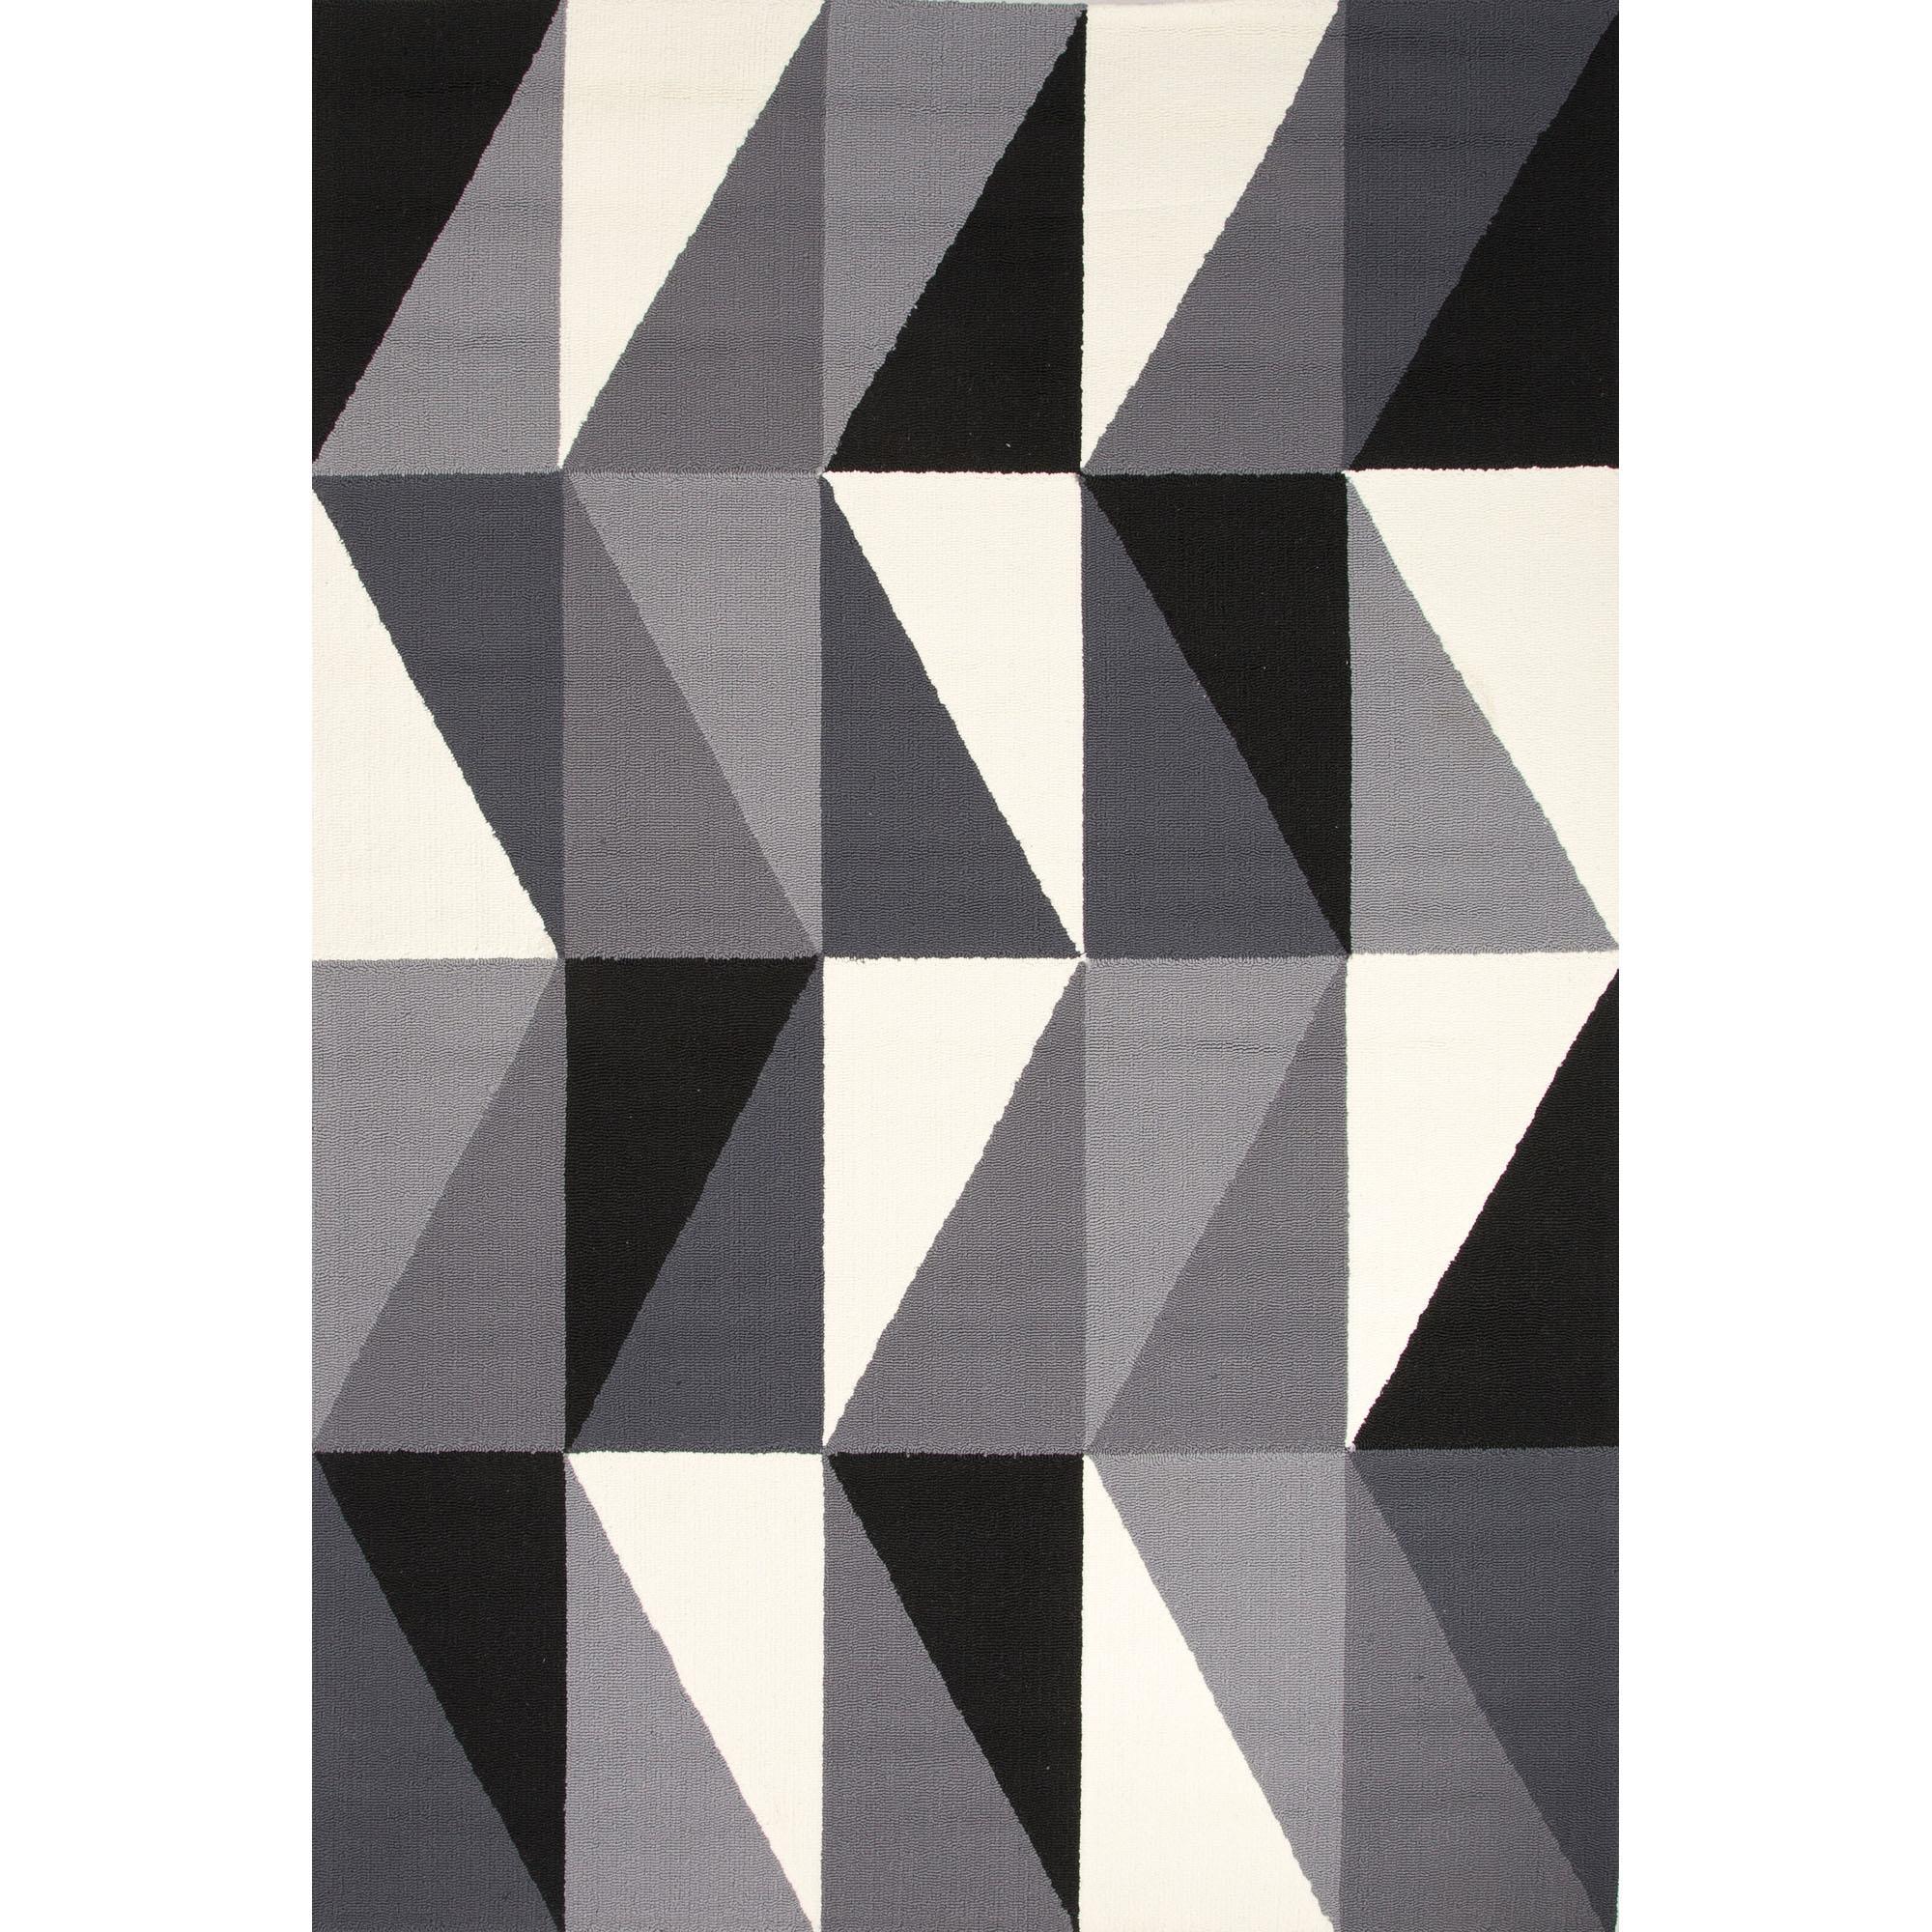 JAIPUR Rugs Colours 7.6 x 9.6 Rug - Item Number: RUG116435